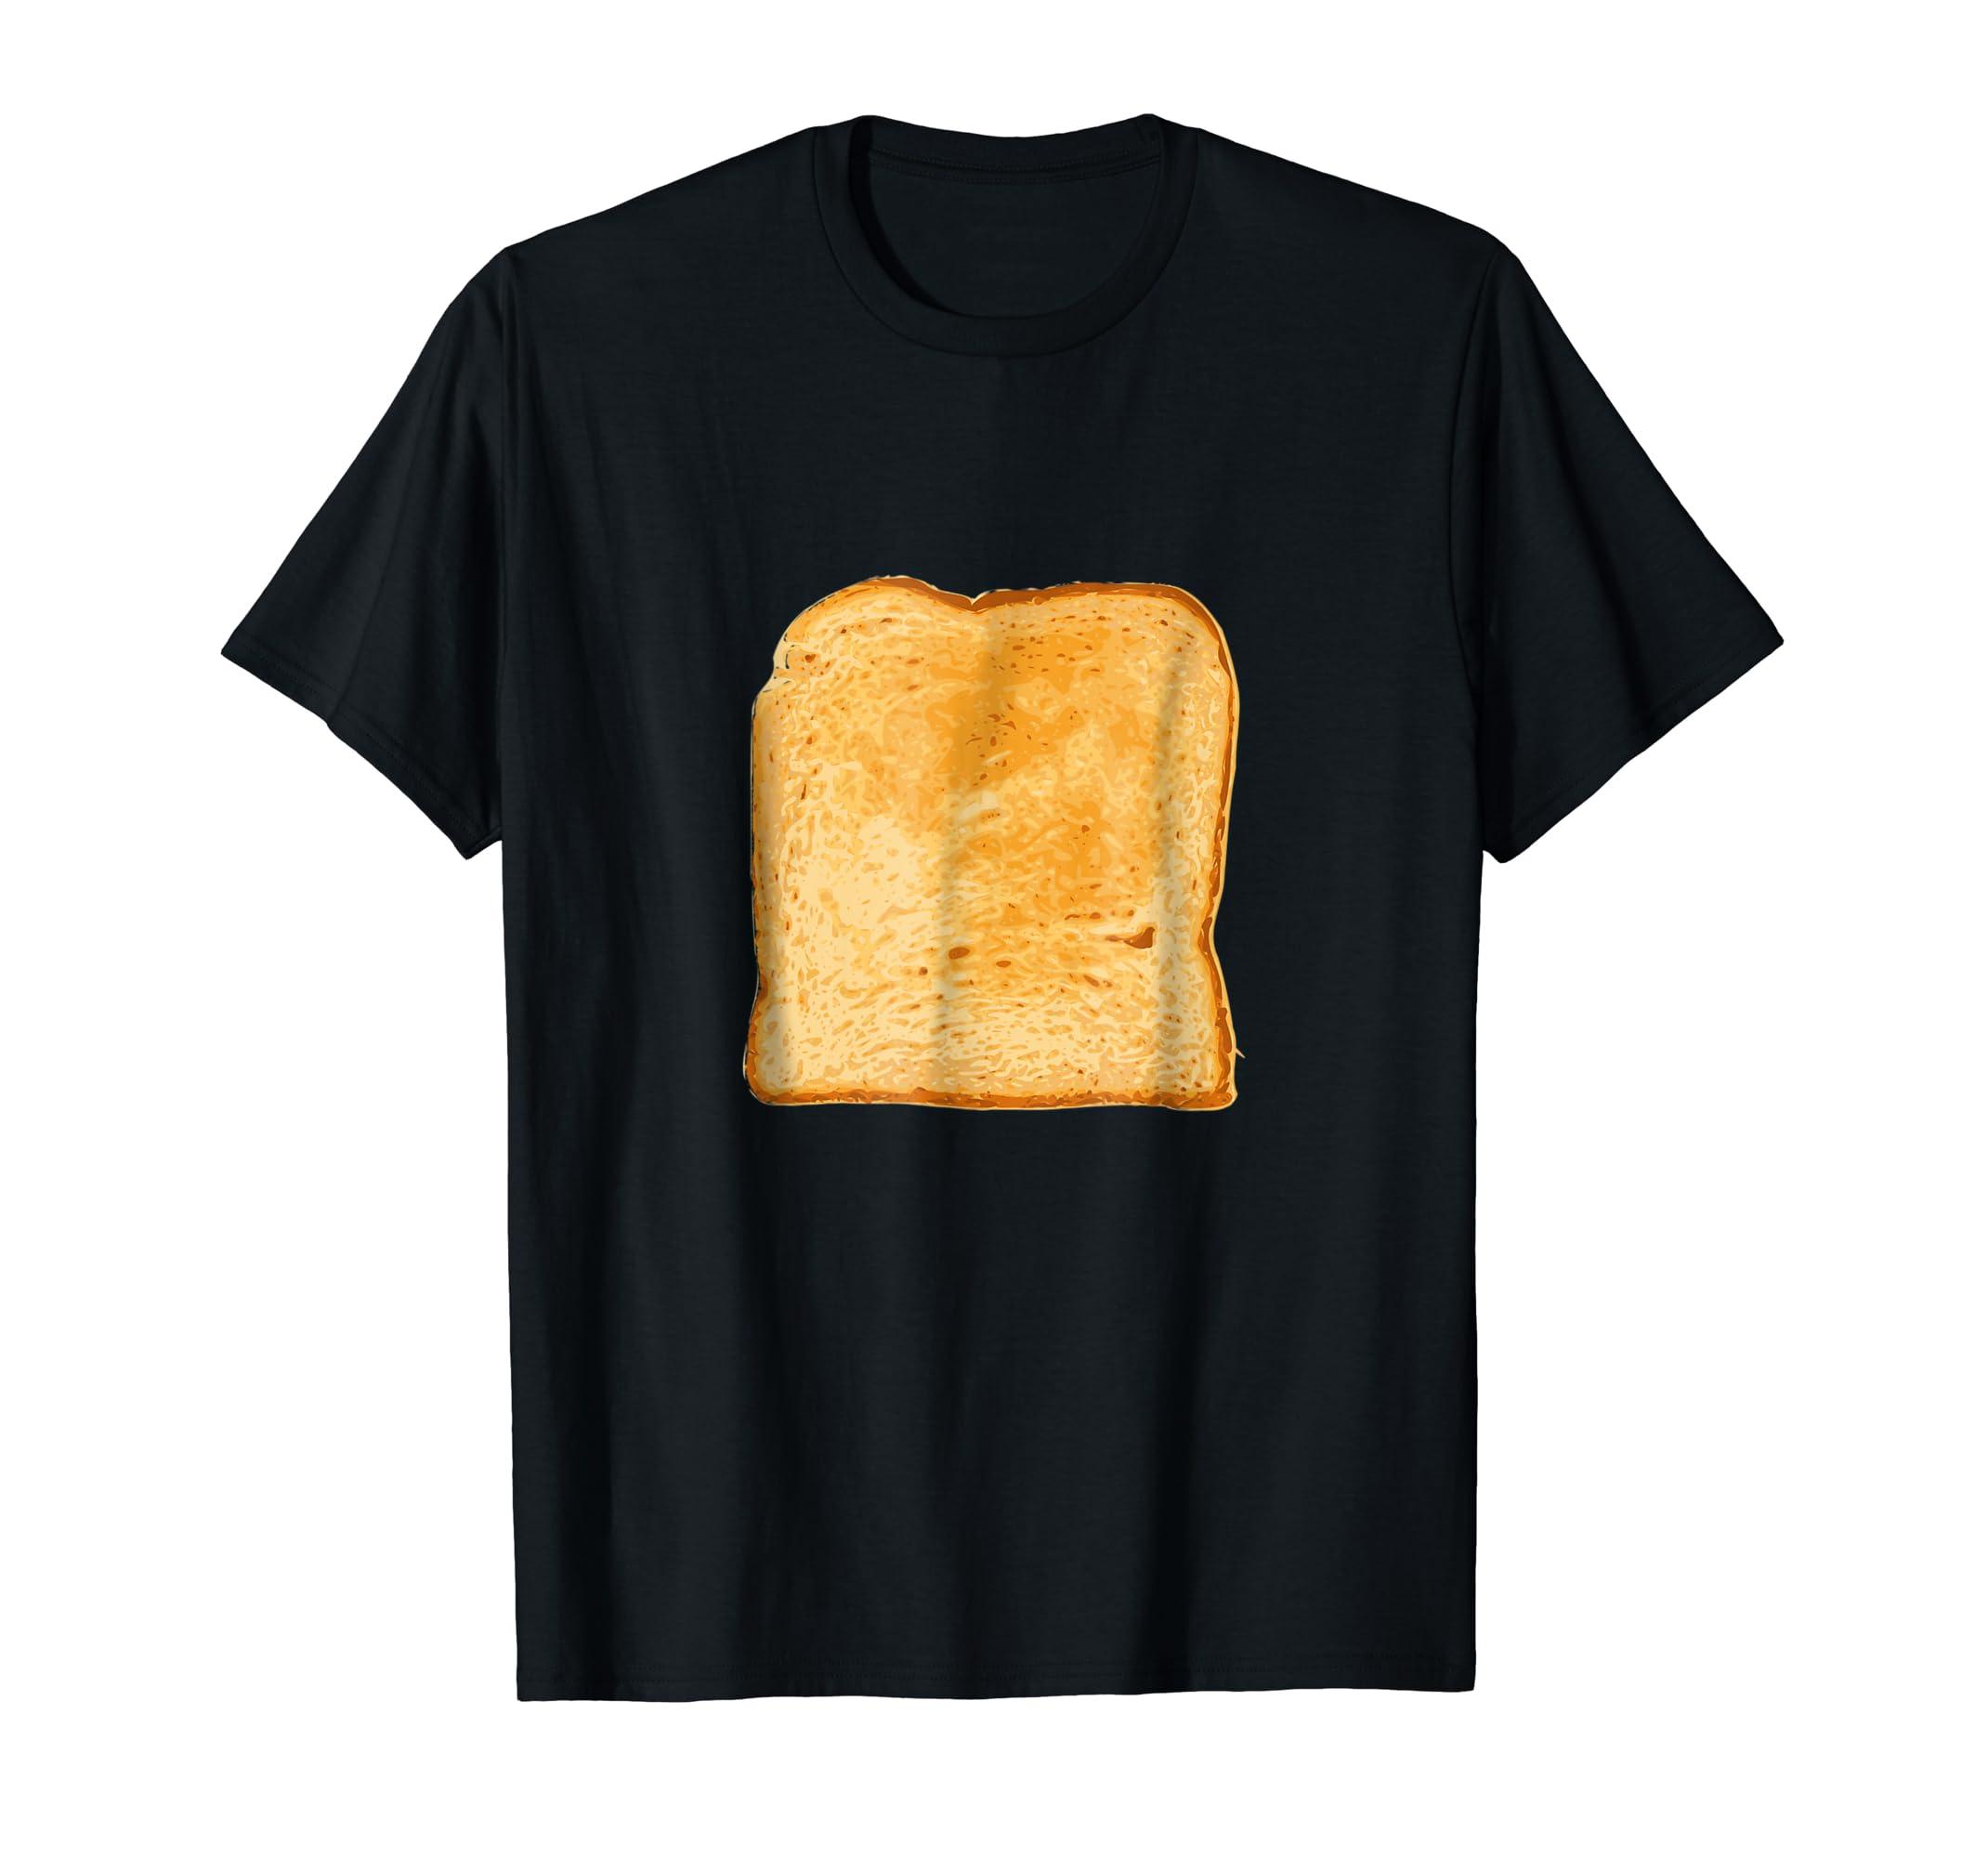 Halloween Shirt Ideas Girls.Amazon Com Bread Toast Halloween Costume Fun Ideas T